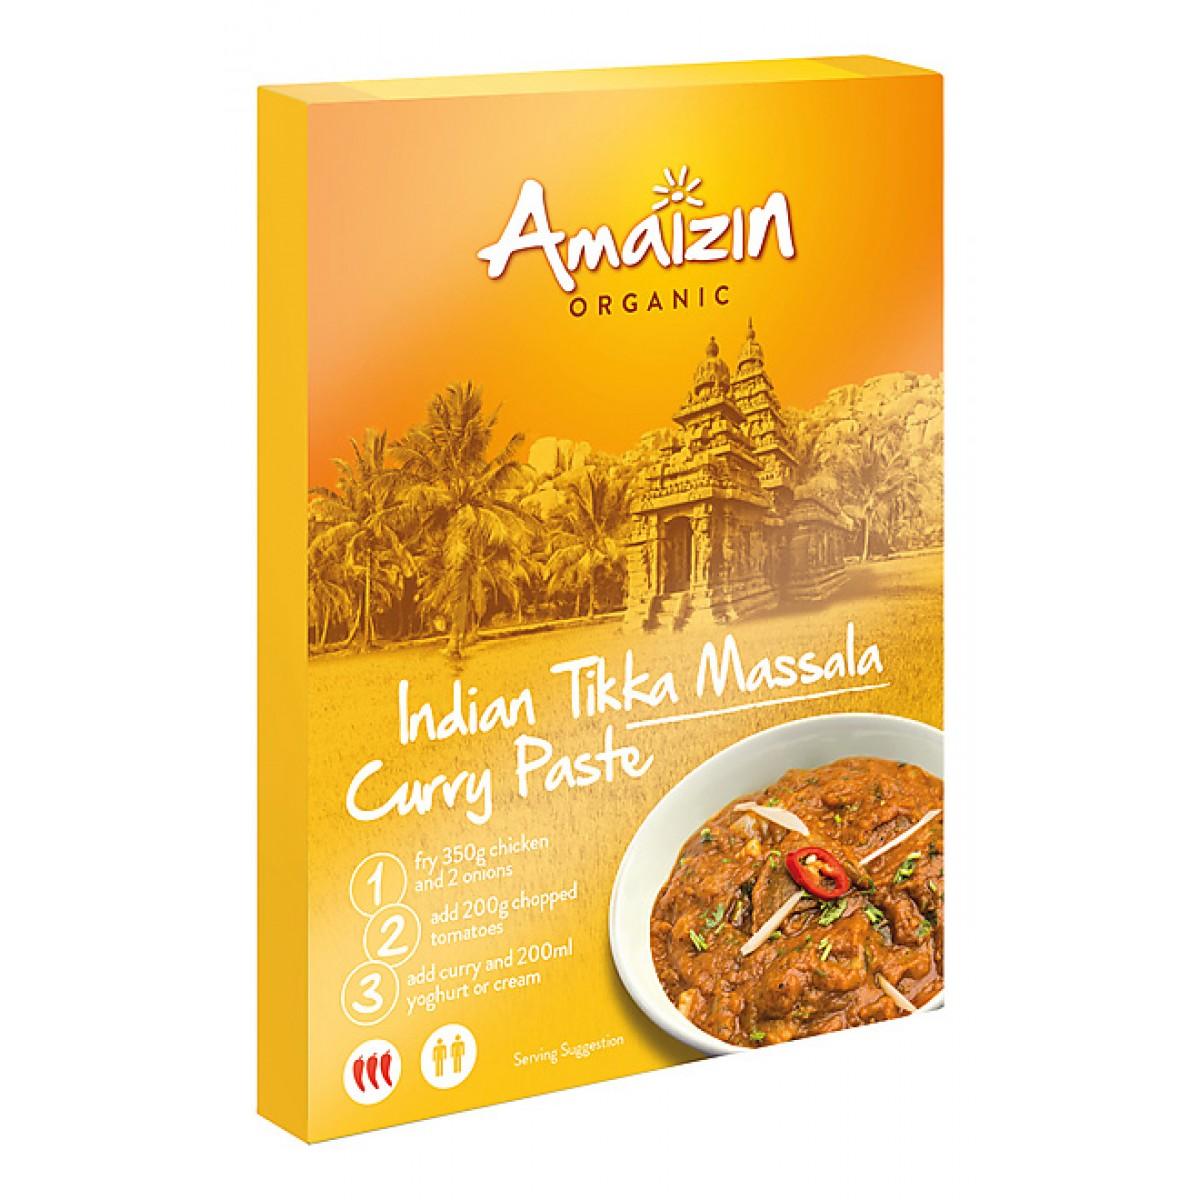 Indian Tikka Massala Curry Paste